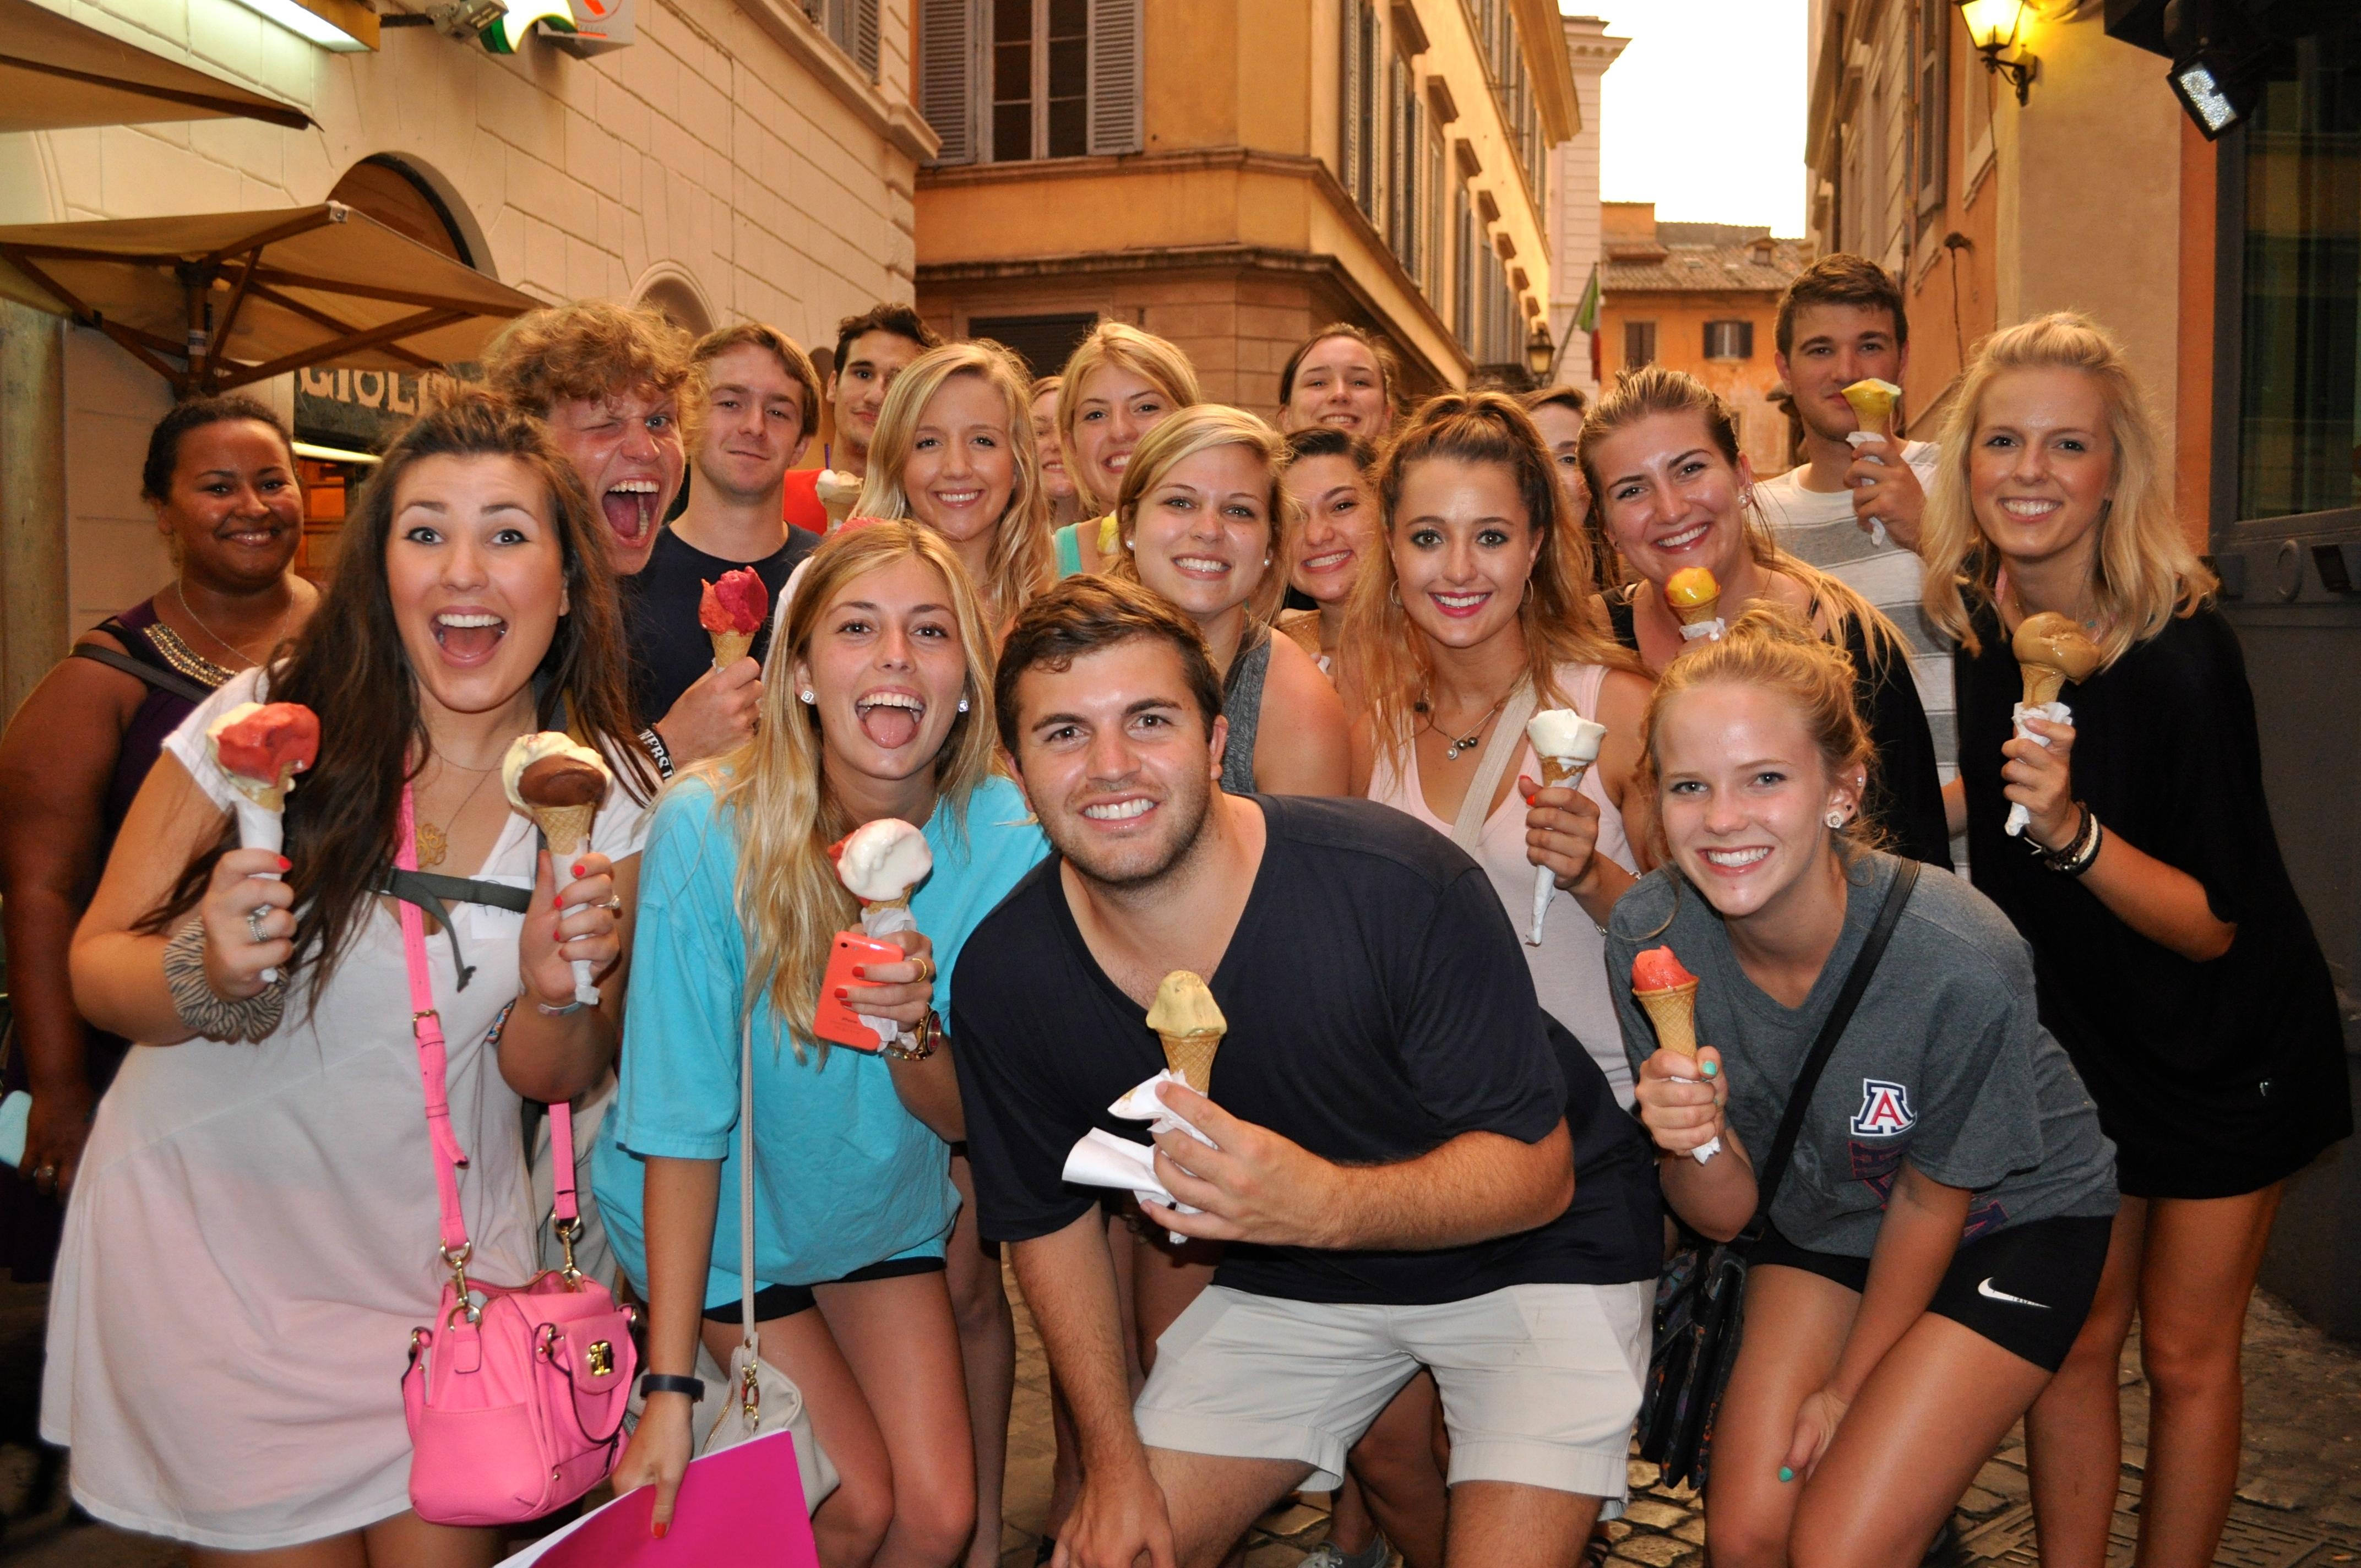 Friends enjoying Gelato in Rome